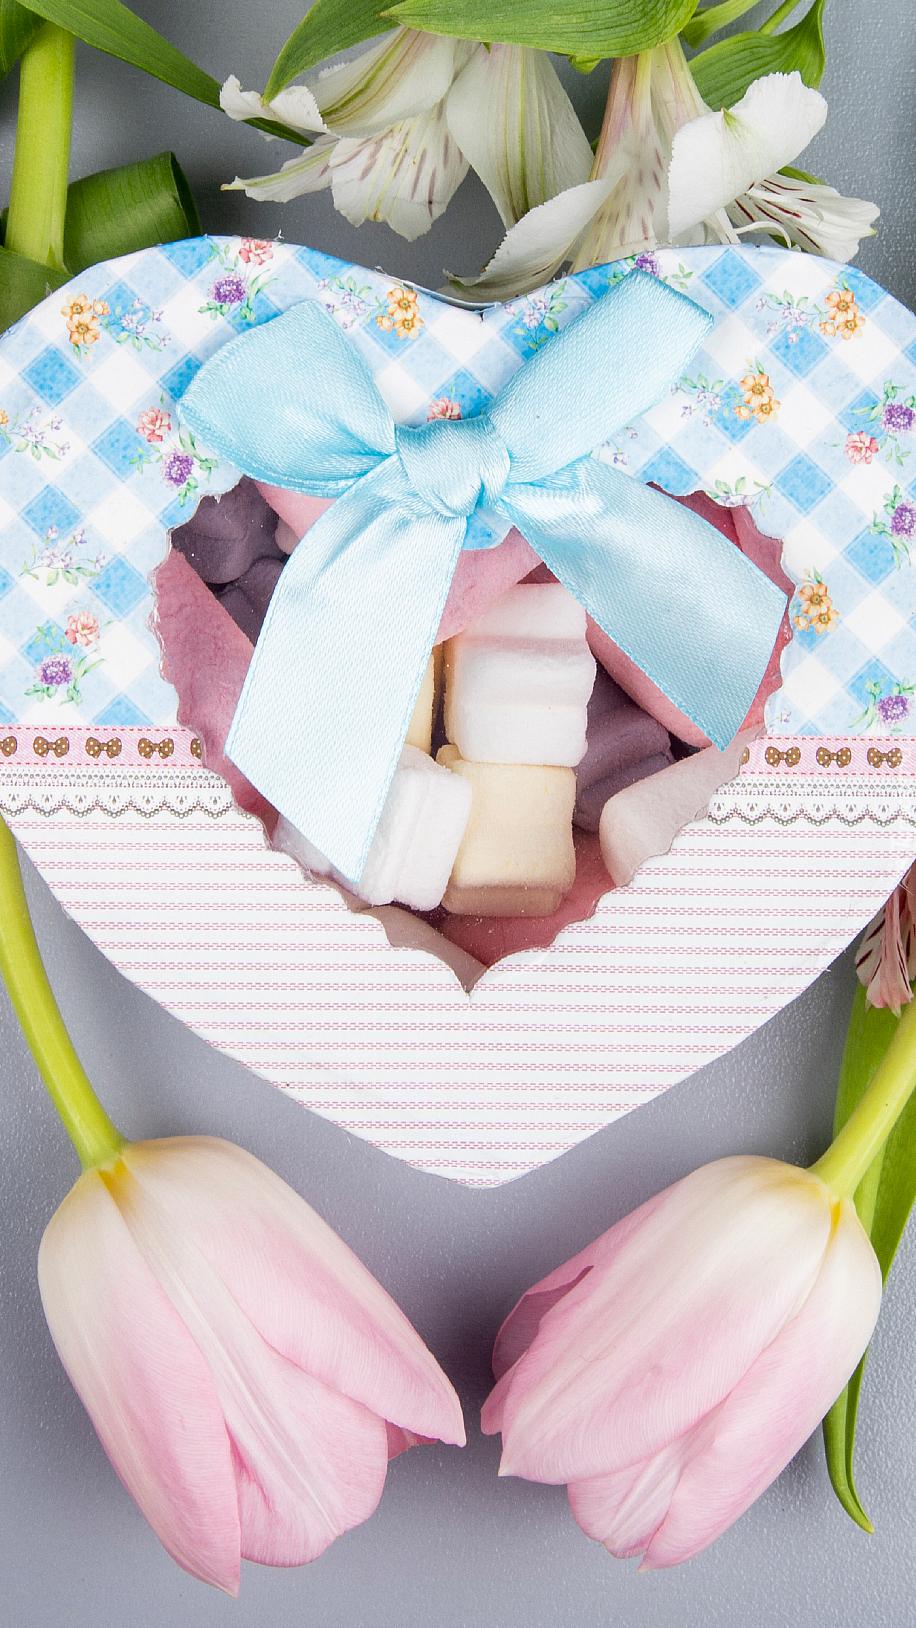 Pudełko w kształcie serca na tulipanach